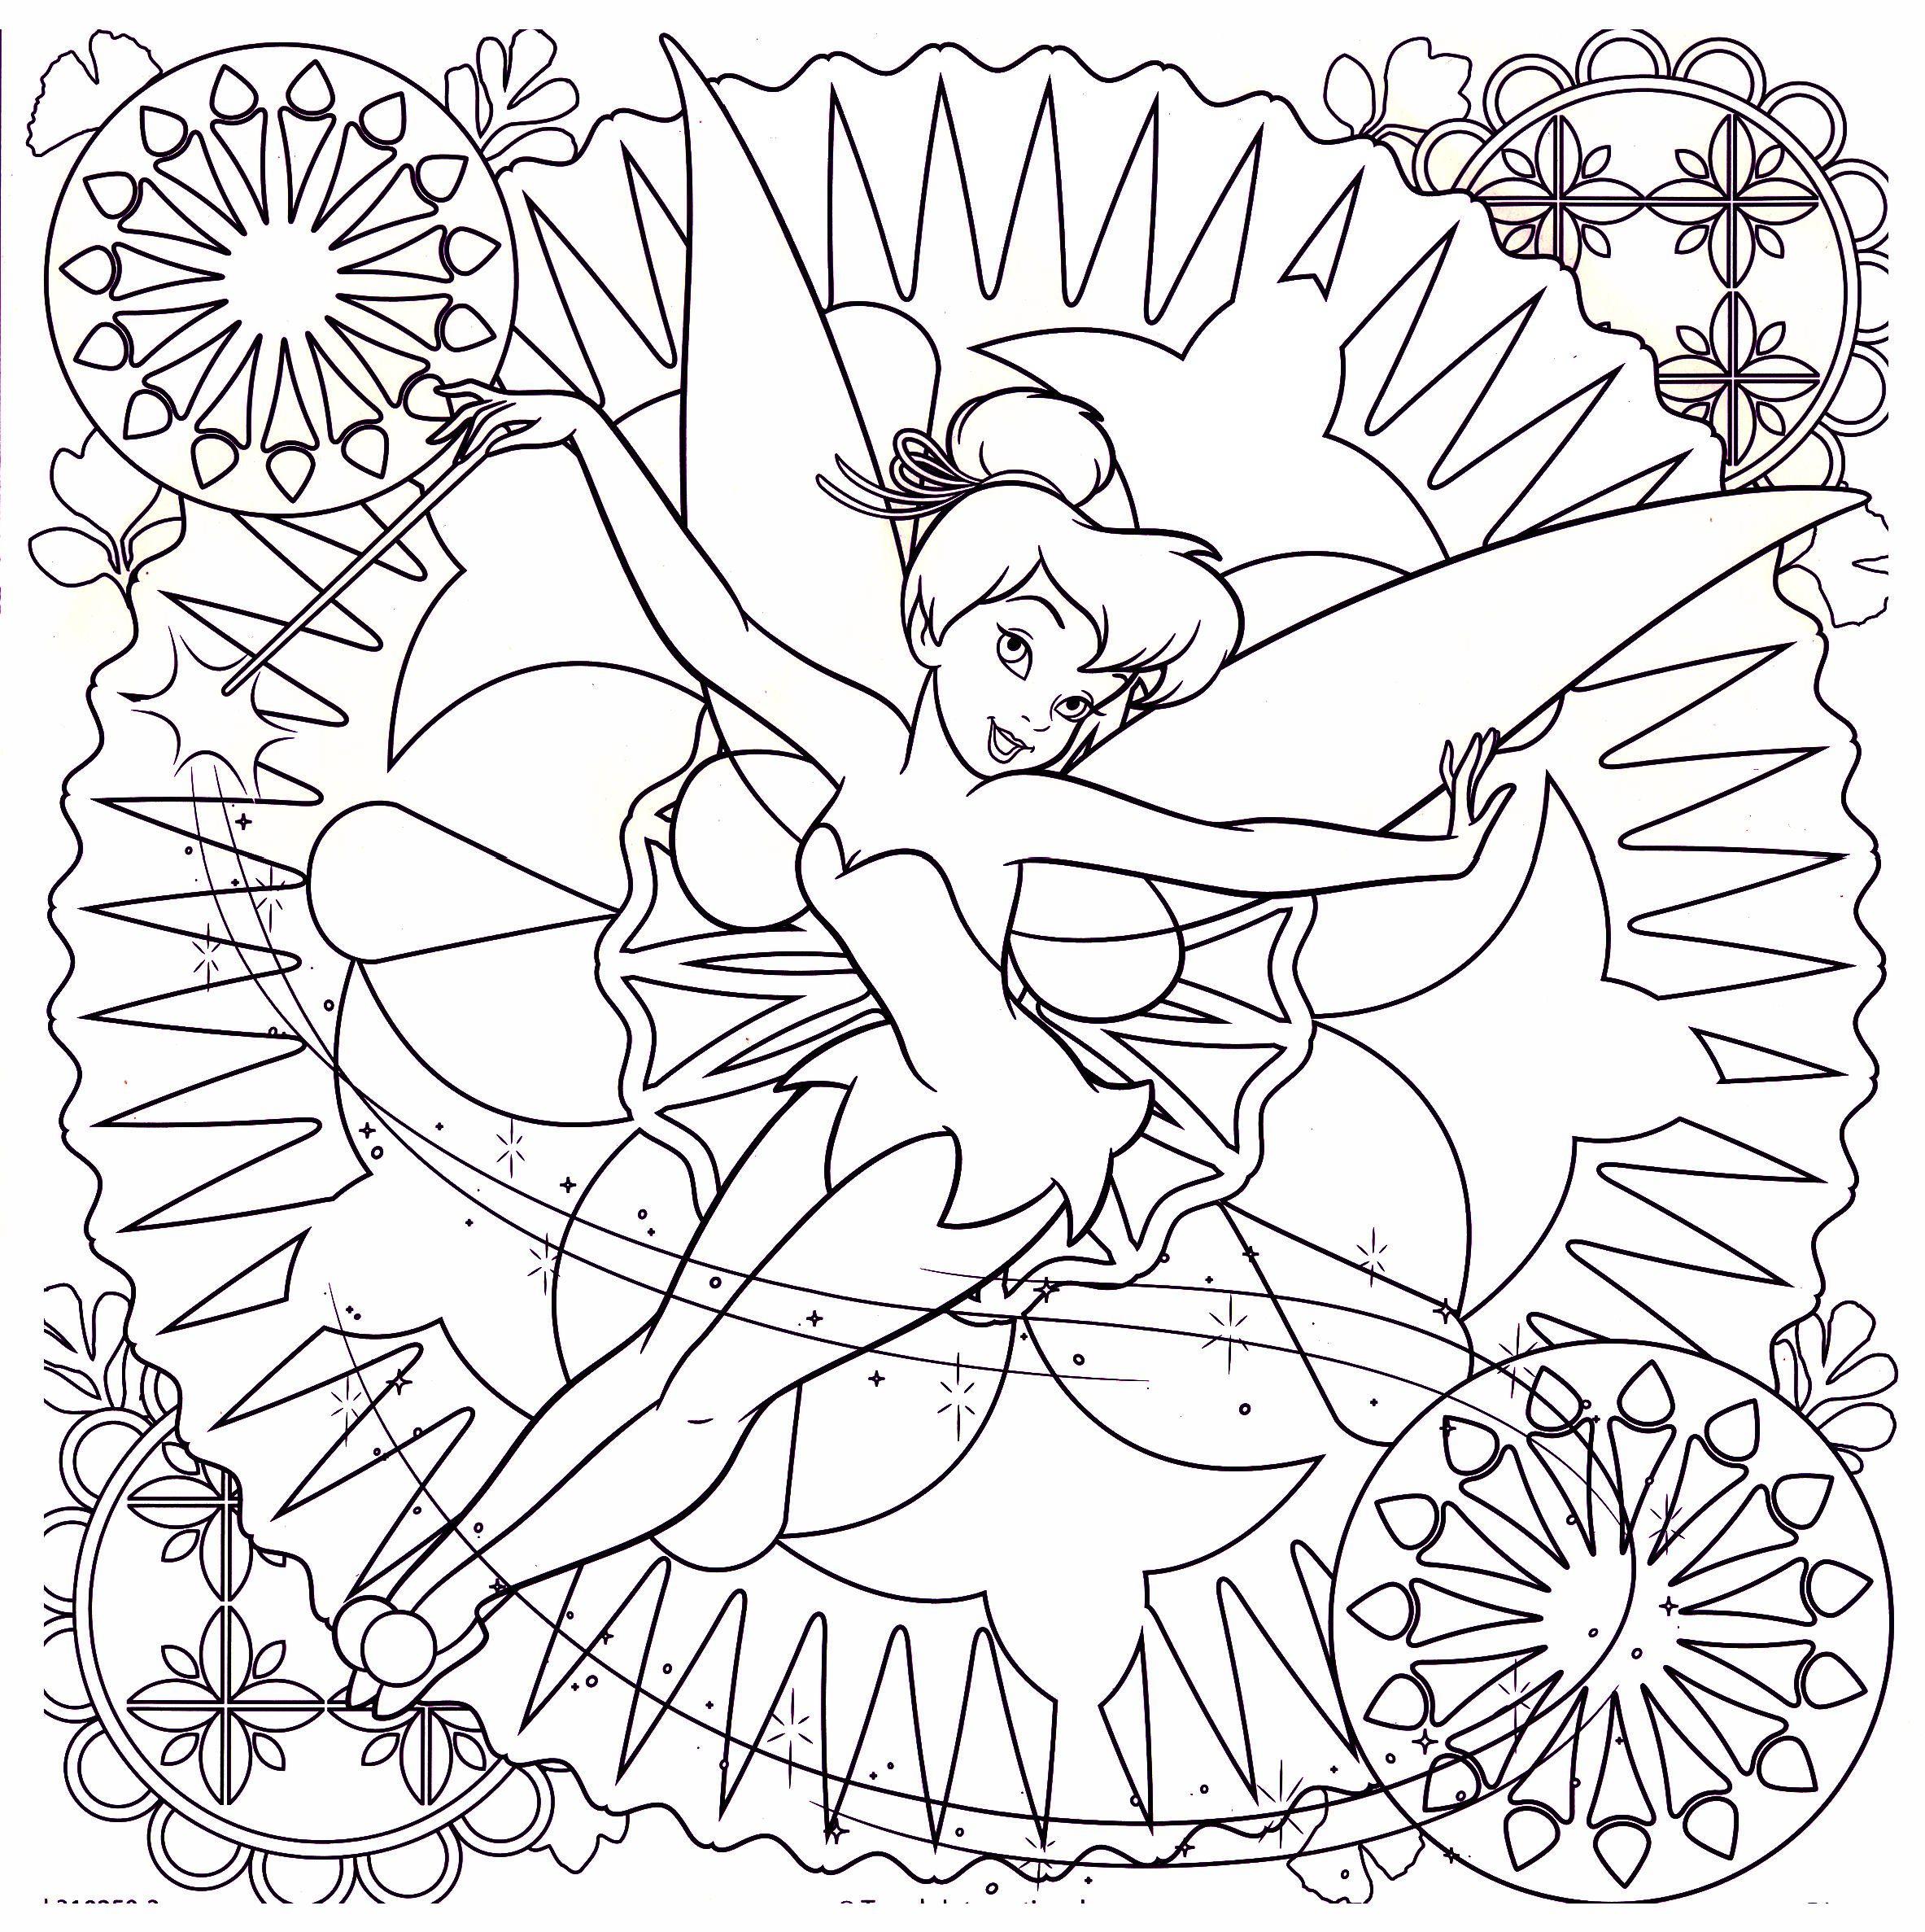 Tinkerbell Coloring Pages | TinkerBell Coloring Pages | Pinterest ...